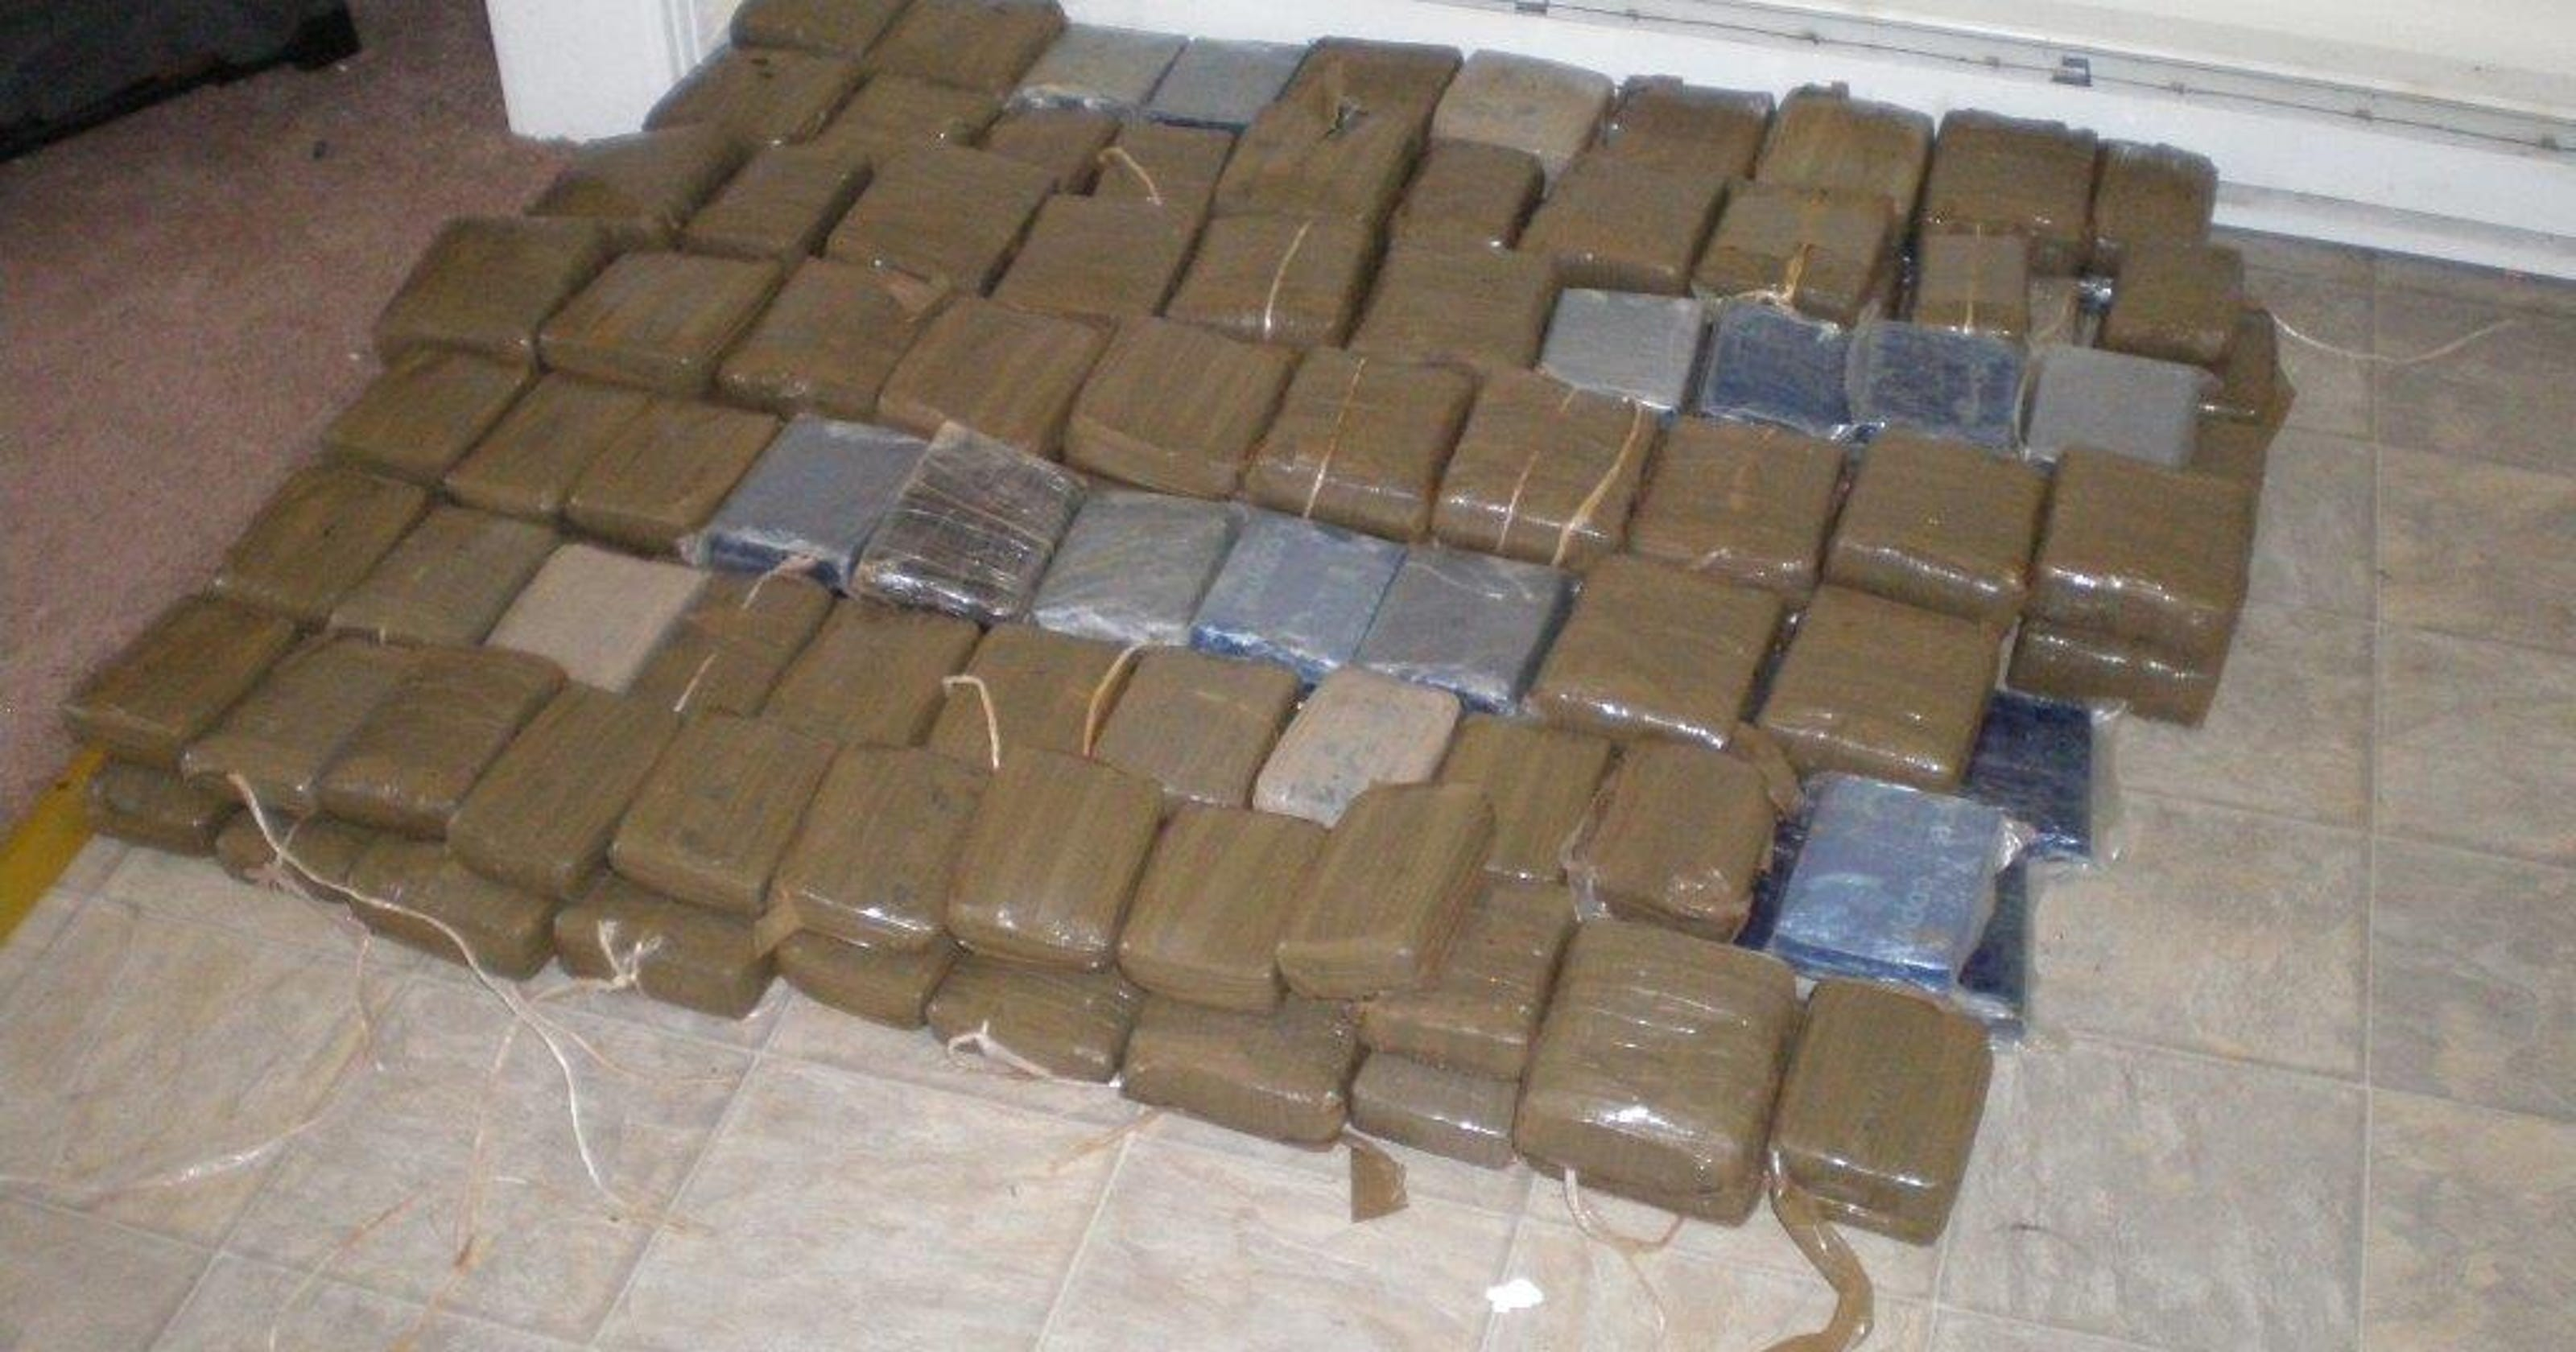 5 arrested, 230 pounds of pot seized in Nashville bust